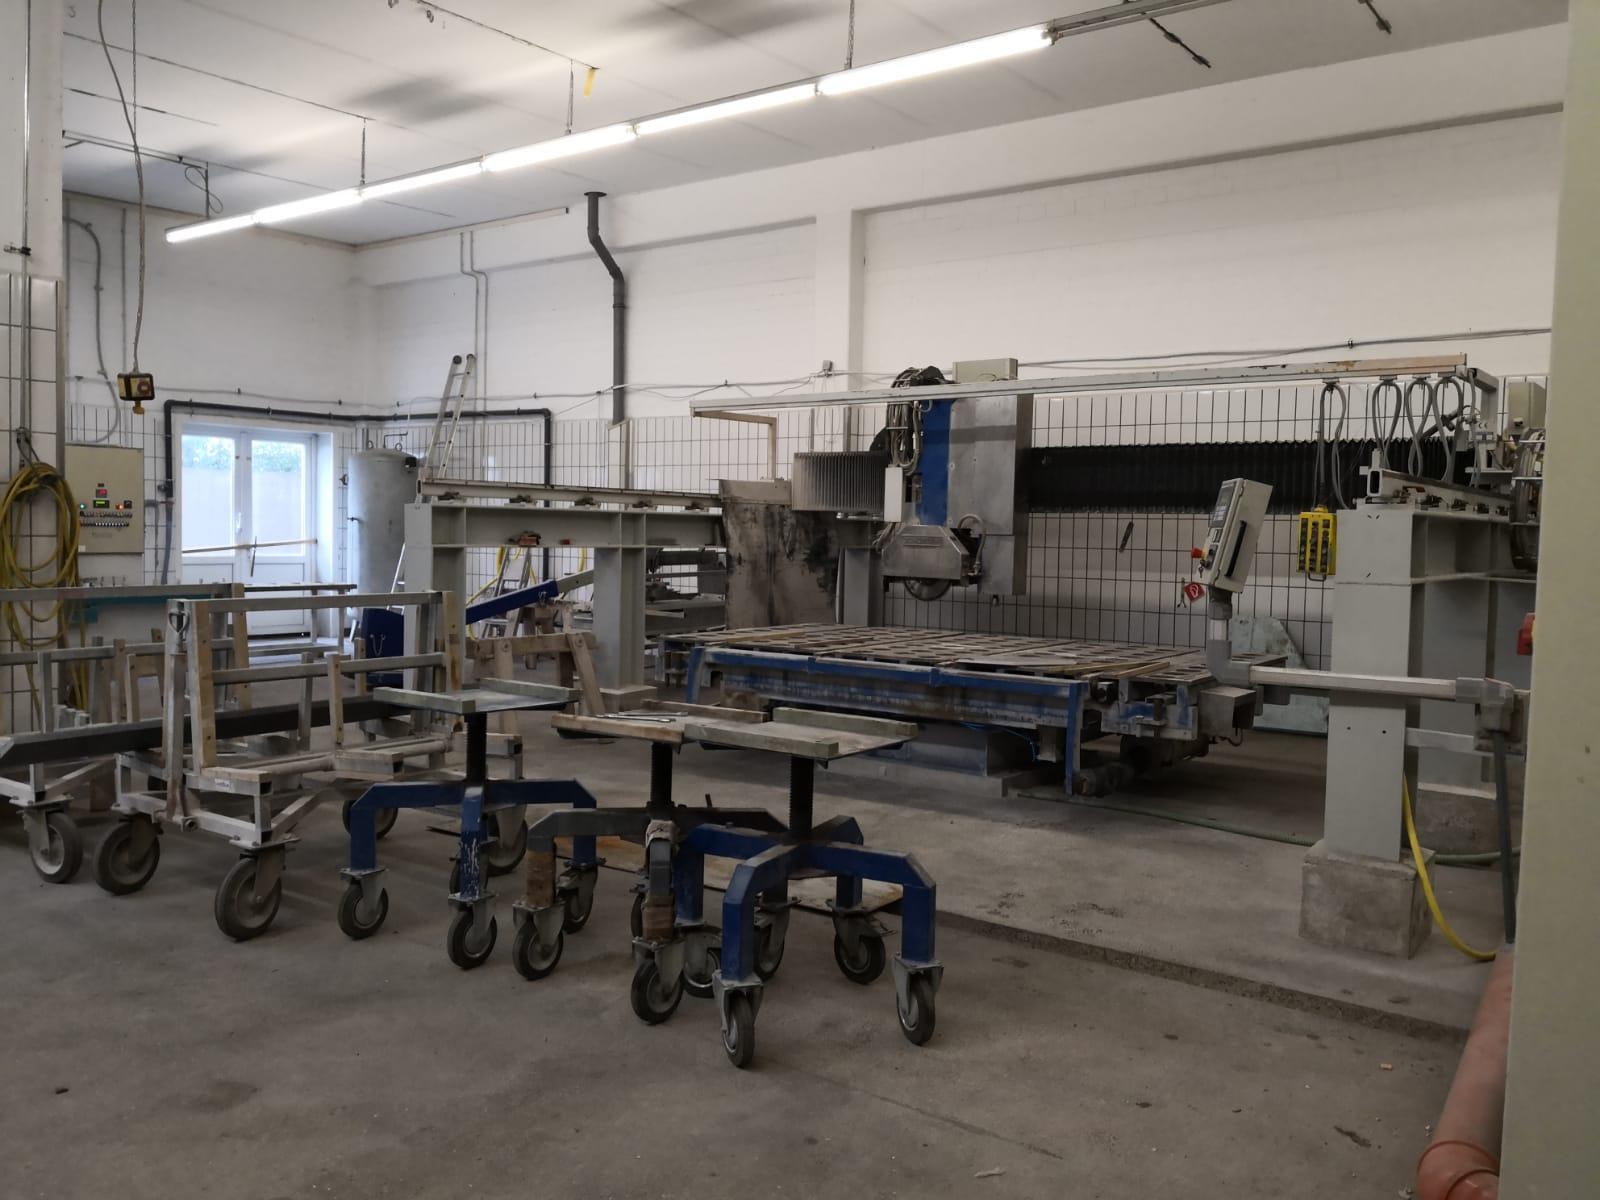 VANDAAG: Volautomatisch met behulp van CNC-gestuurde zaagtechnologie